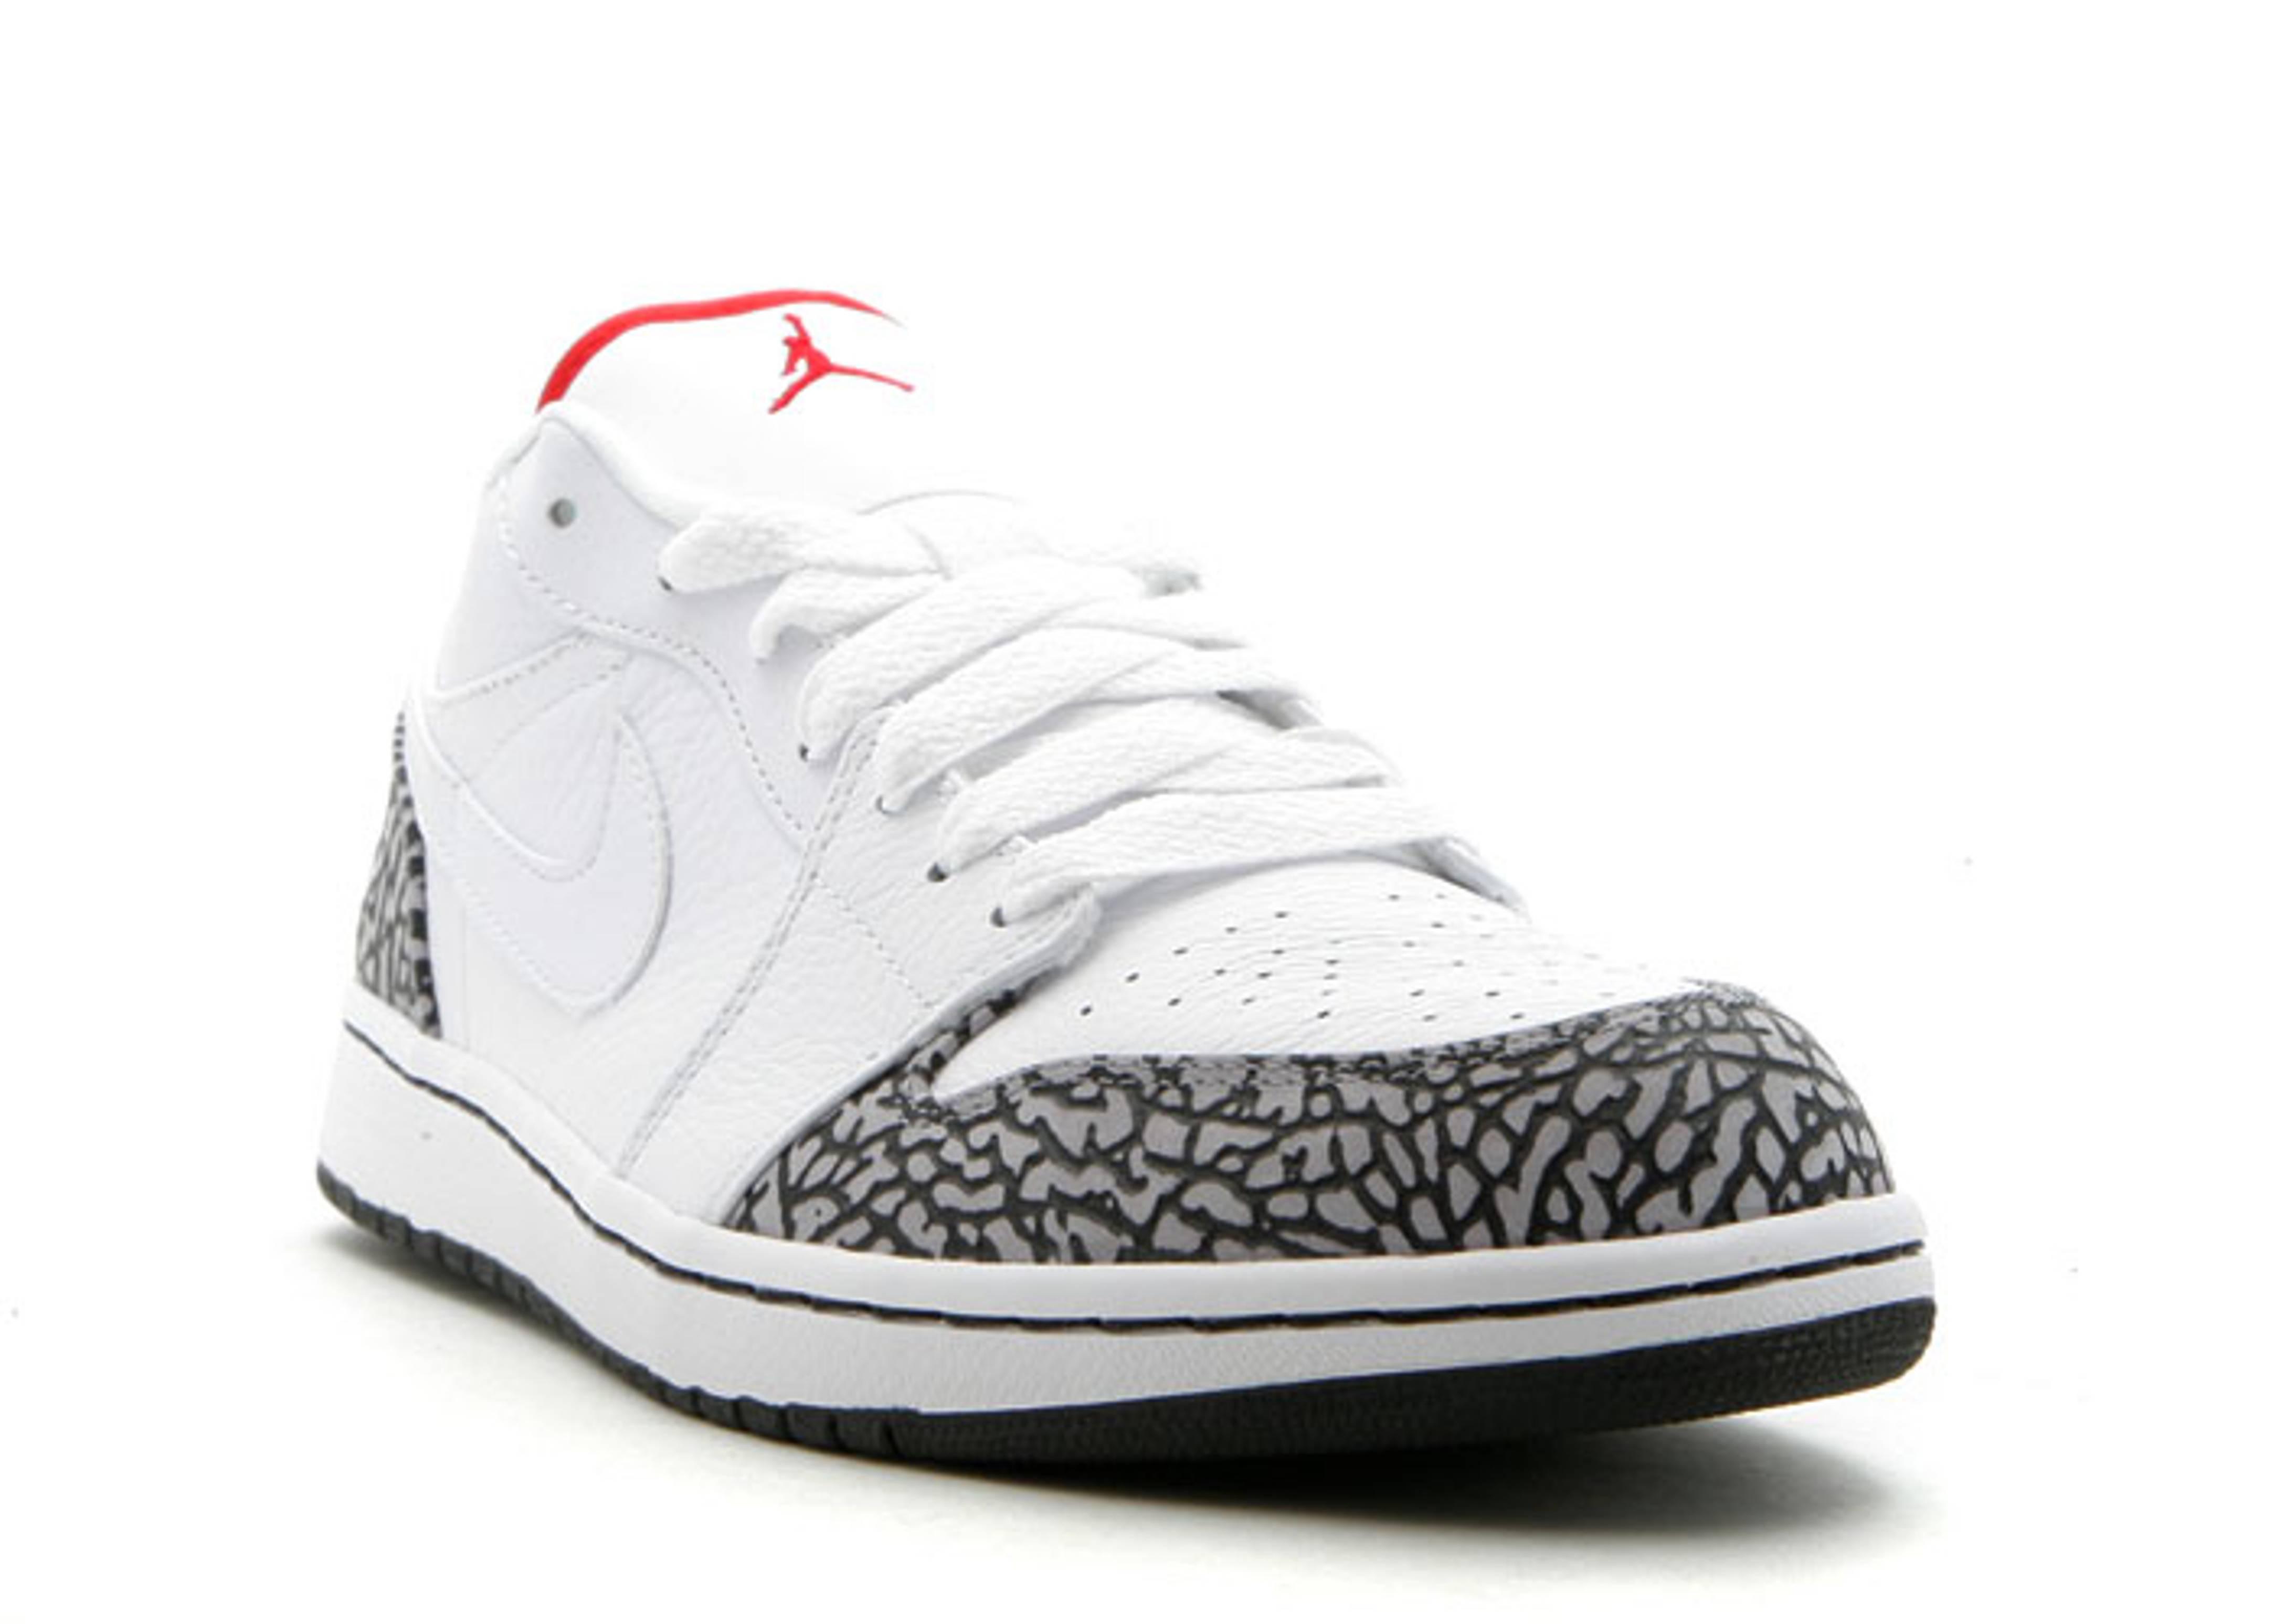 Air Jordan 1 Phat Low - Air Jordan - 350571 161 - white varsity red ... c98d0f21e9